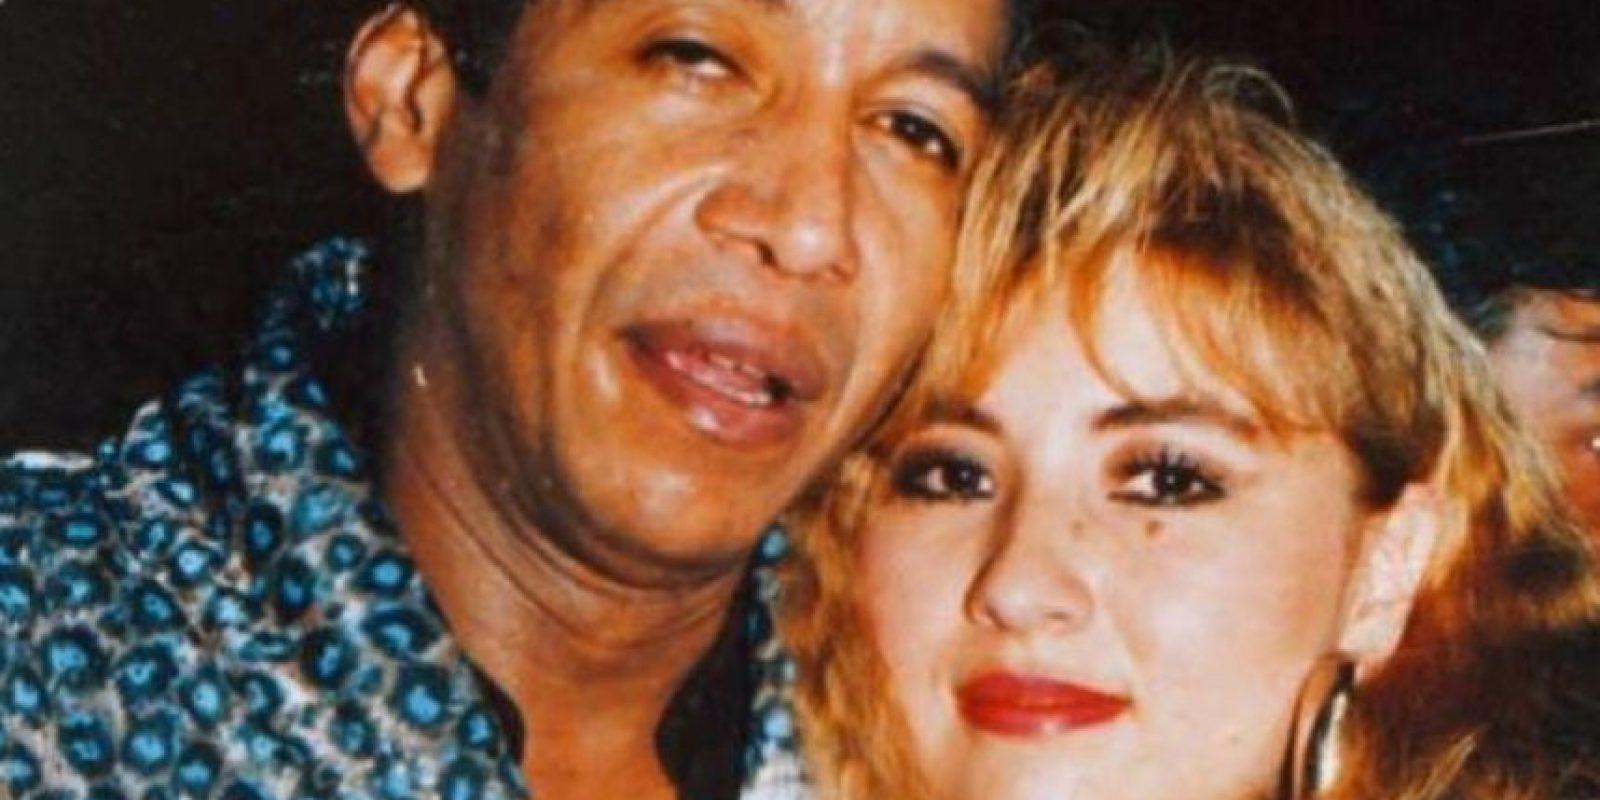 El famoso juglar vallenato no solo es conocido por sus clásicos musicales sino también por haber participado en la muerte de Doris Adriana Niño, de 22 años, que luego de cumplirle una cita en su apartamento apareció muerta en un paraje de Boyacá. Foto:Captura de pantalla